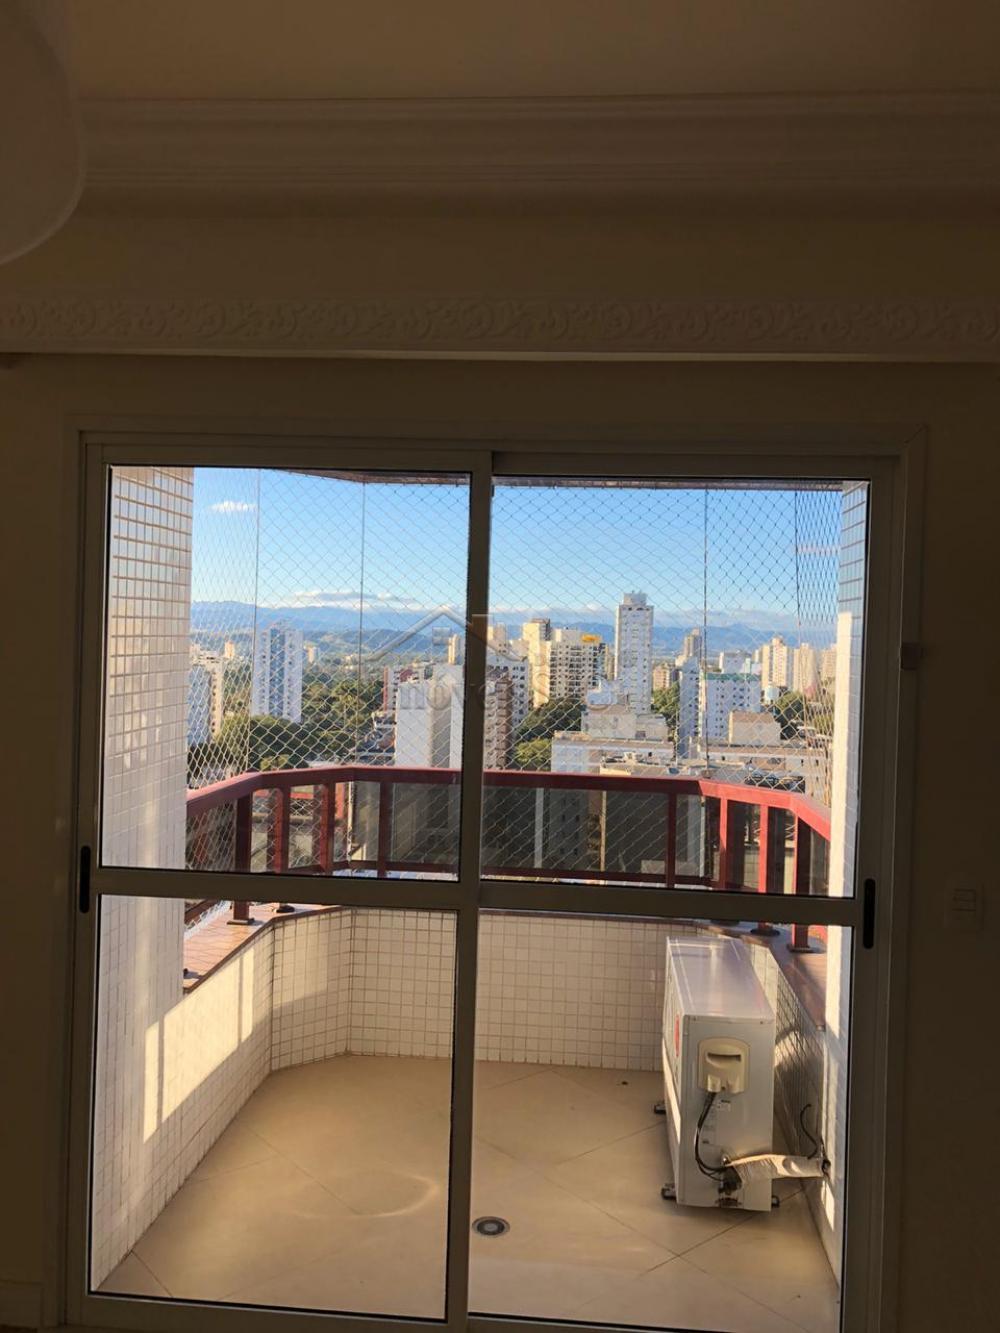 Alugar Apartamentos / Cobertura em São José dos Campos apenas R$ 3.300,00 - Foto 4